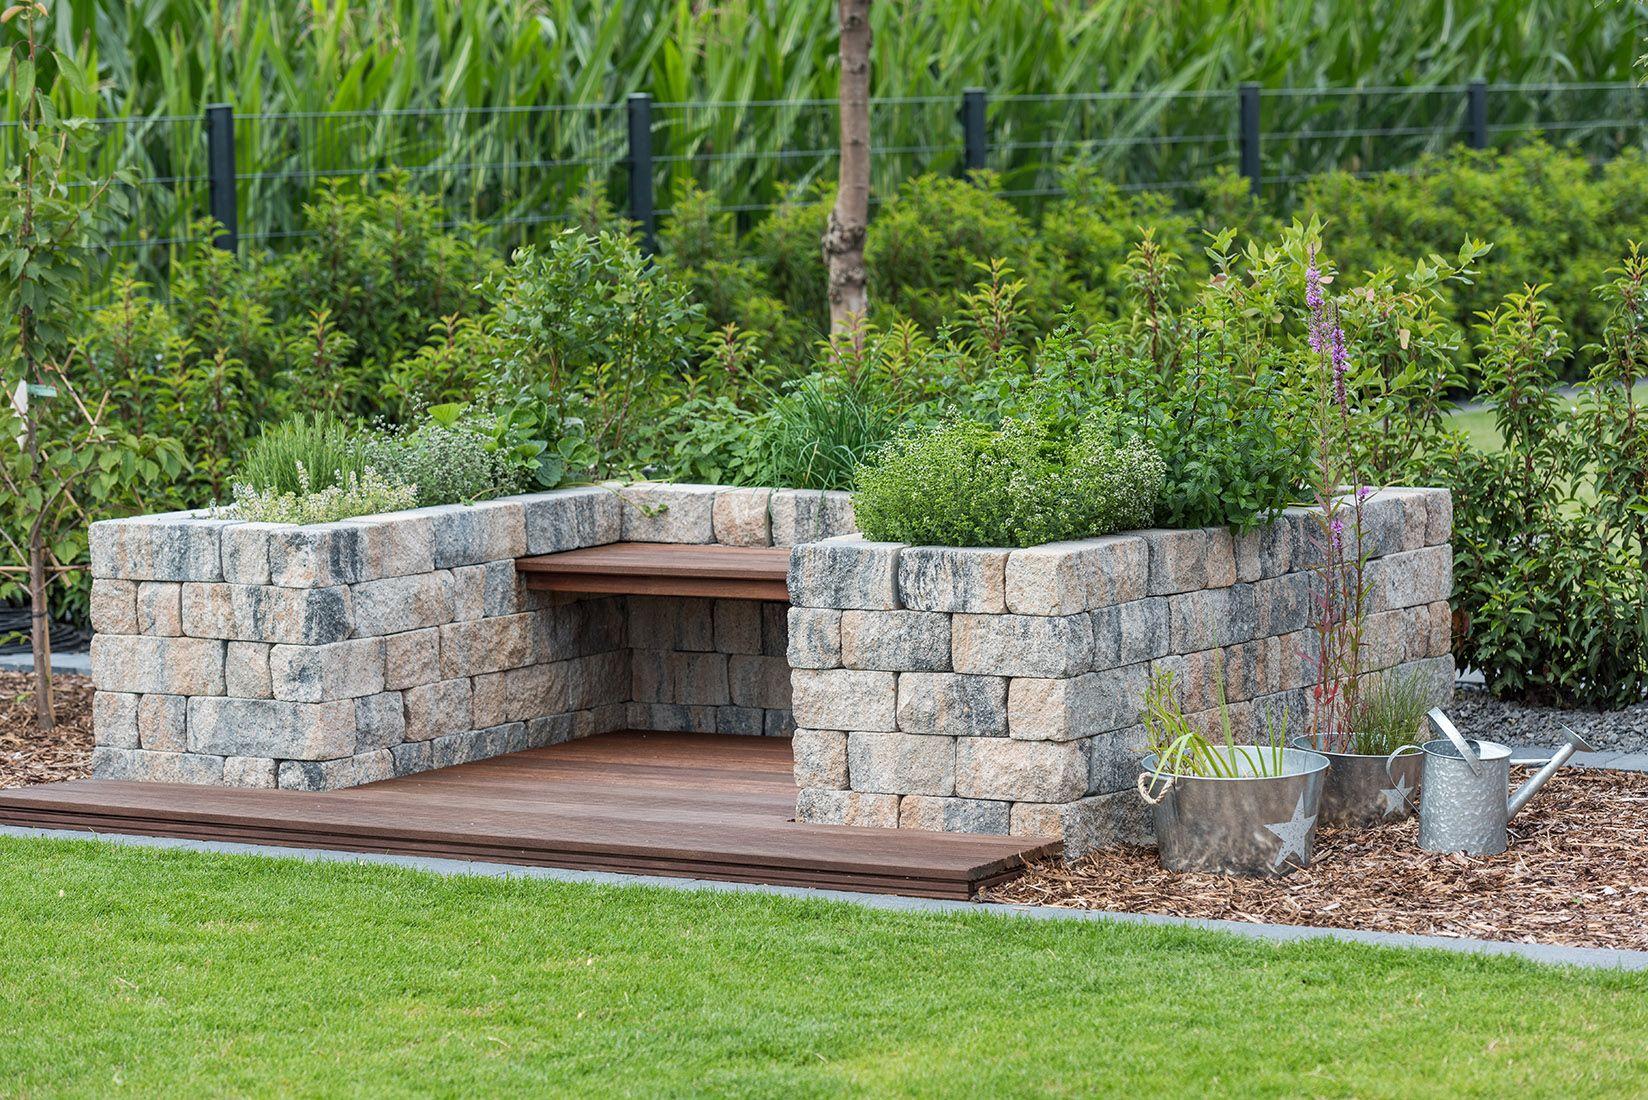 Tolle Ideen für deinen Garten. Mauern als Sitzgelegenheit